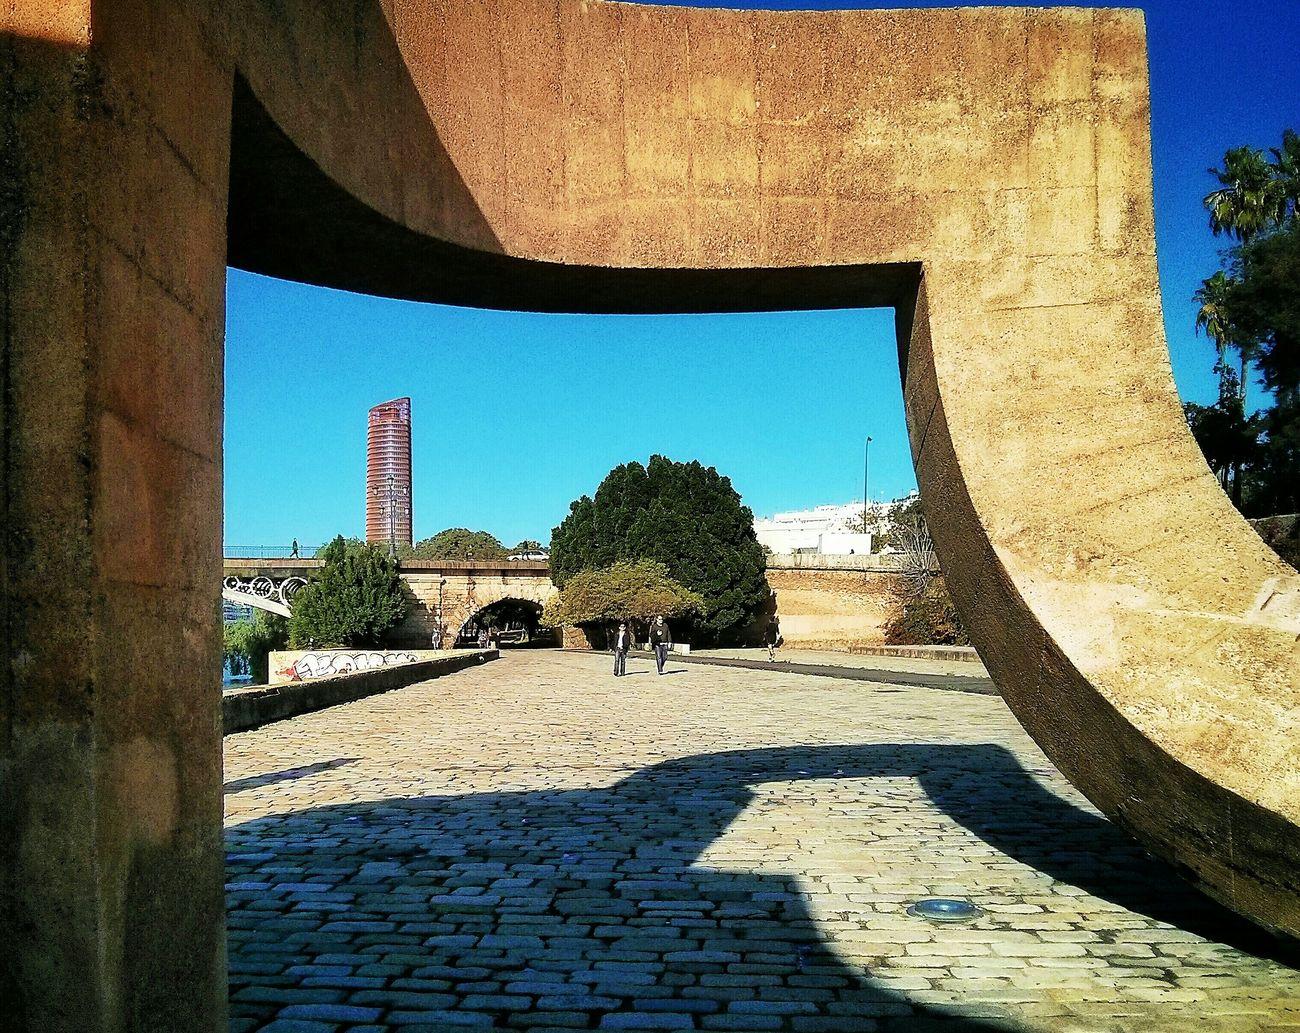 Muelle de la sal Sevilla SPAIN Urban Landscape Streetphotography